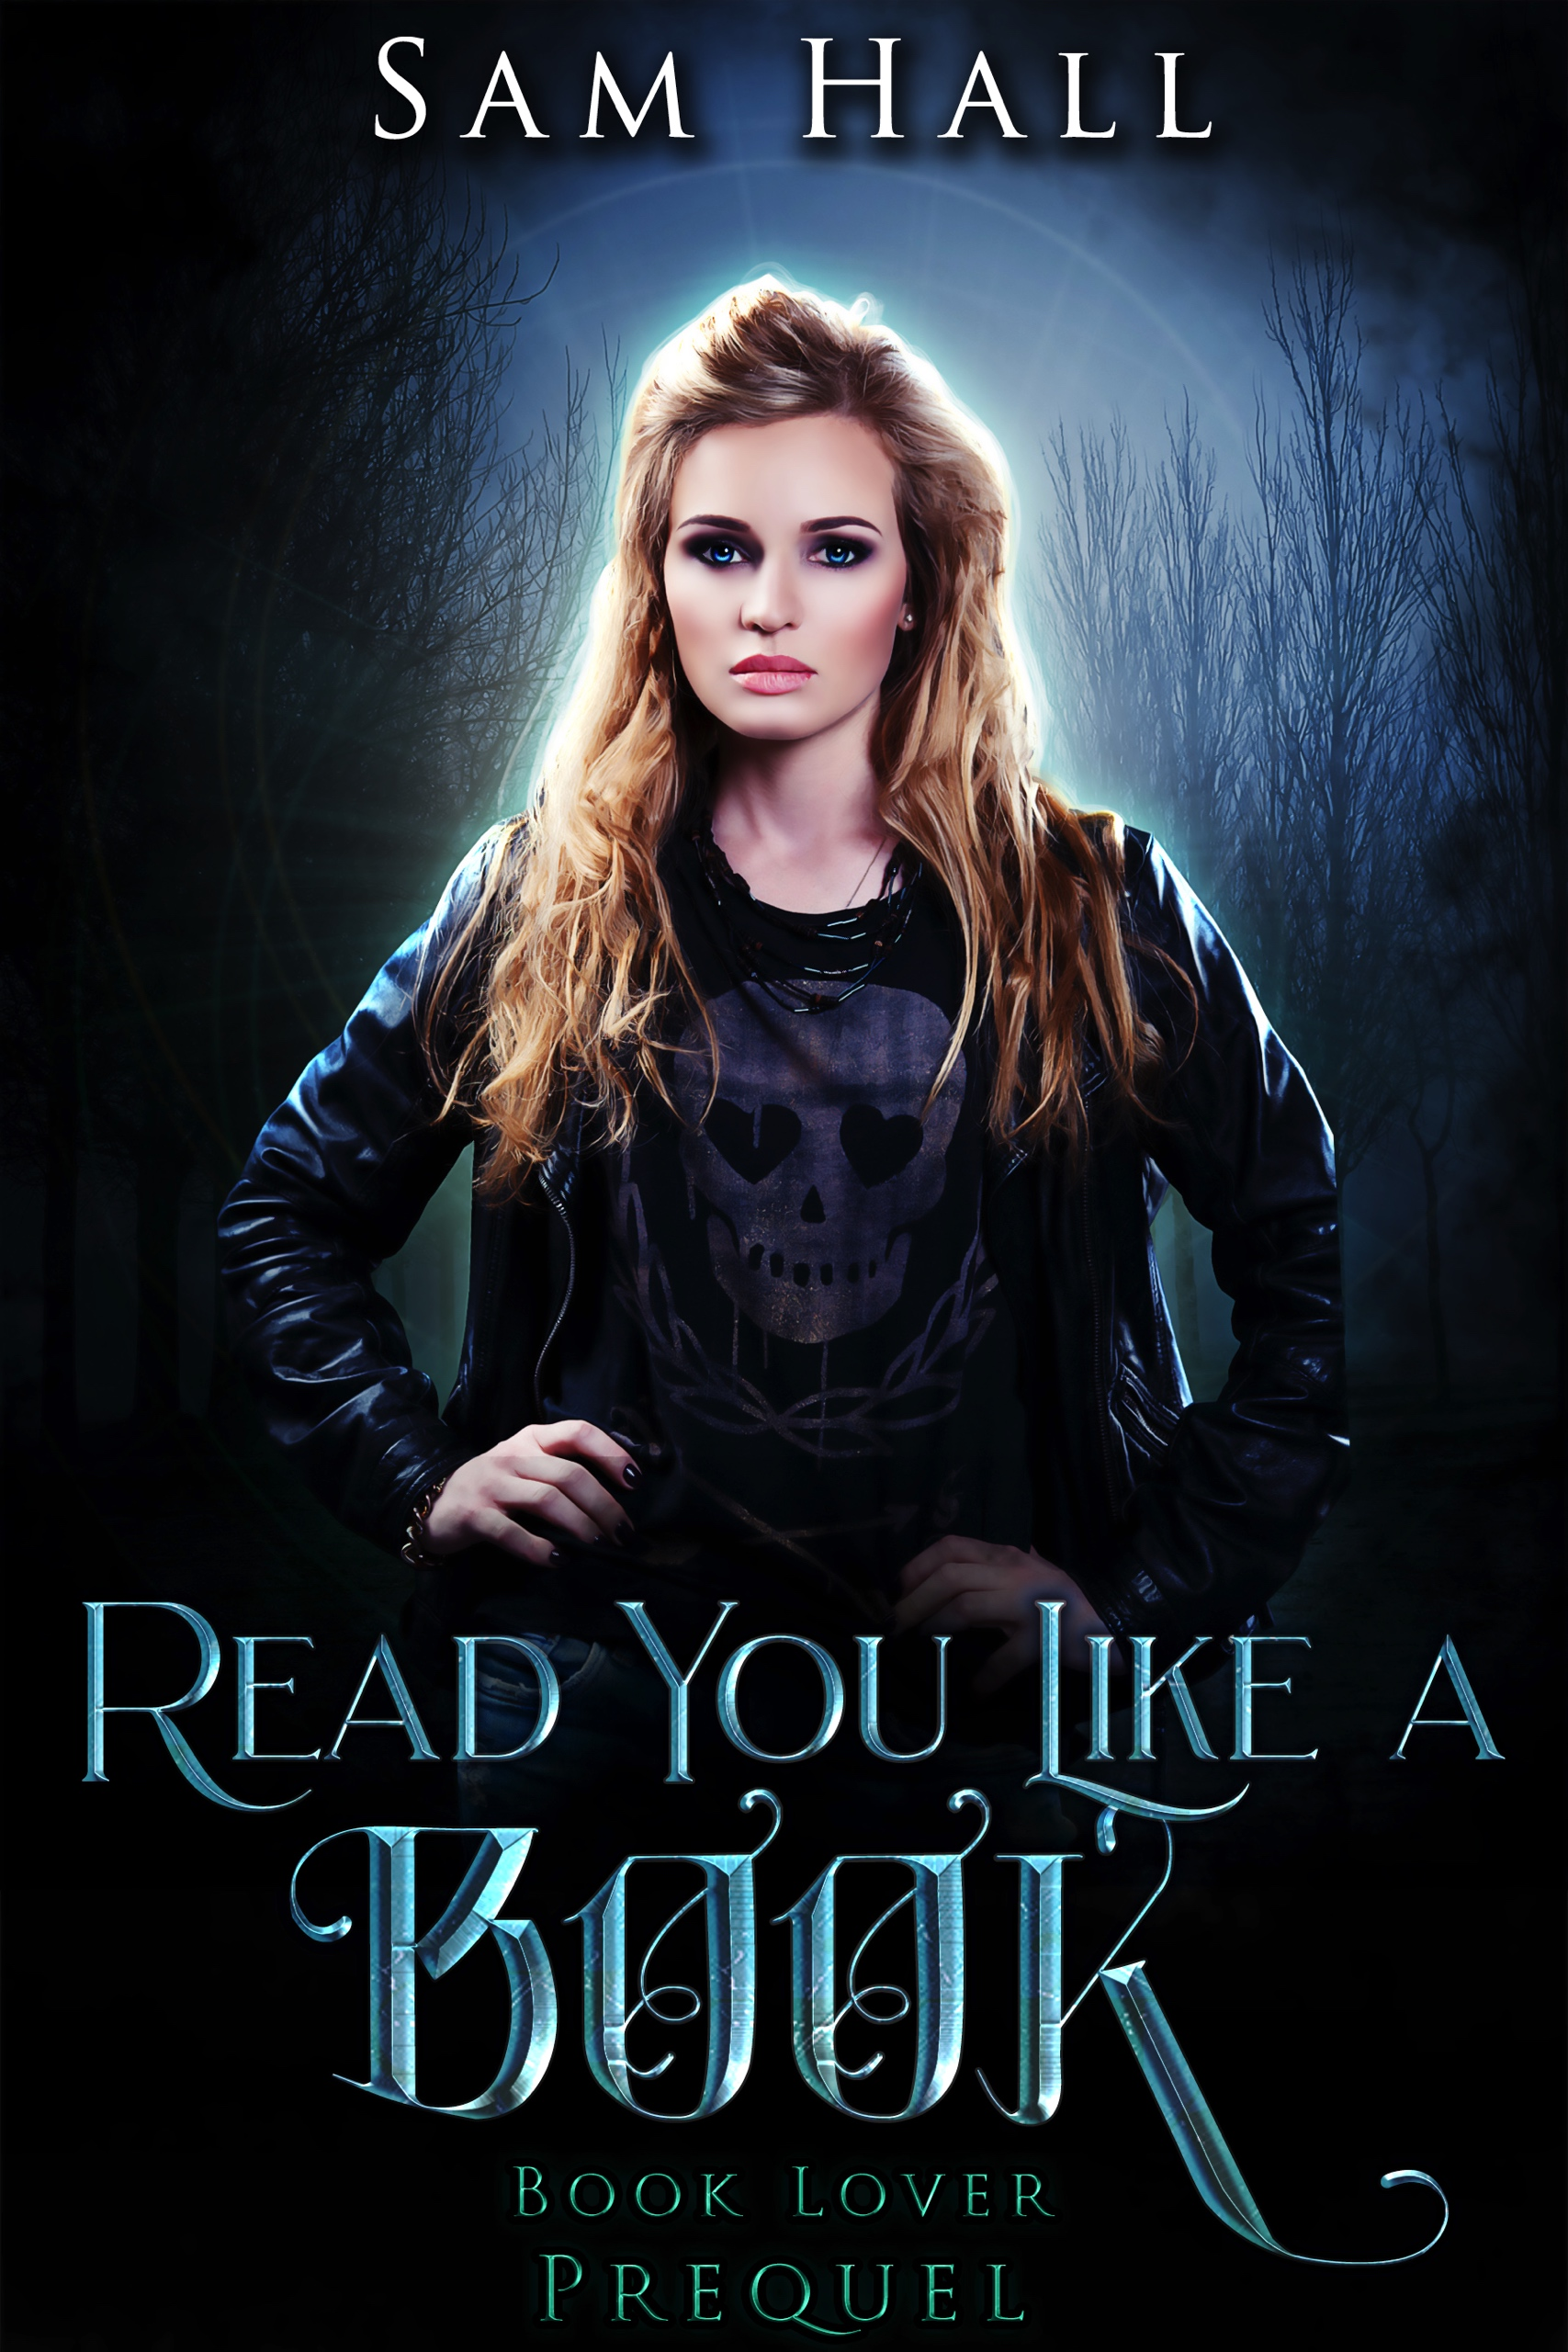 Read-You-Like-A-Book-Kindle